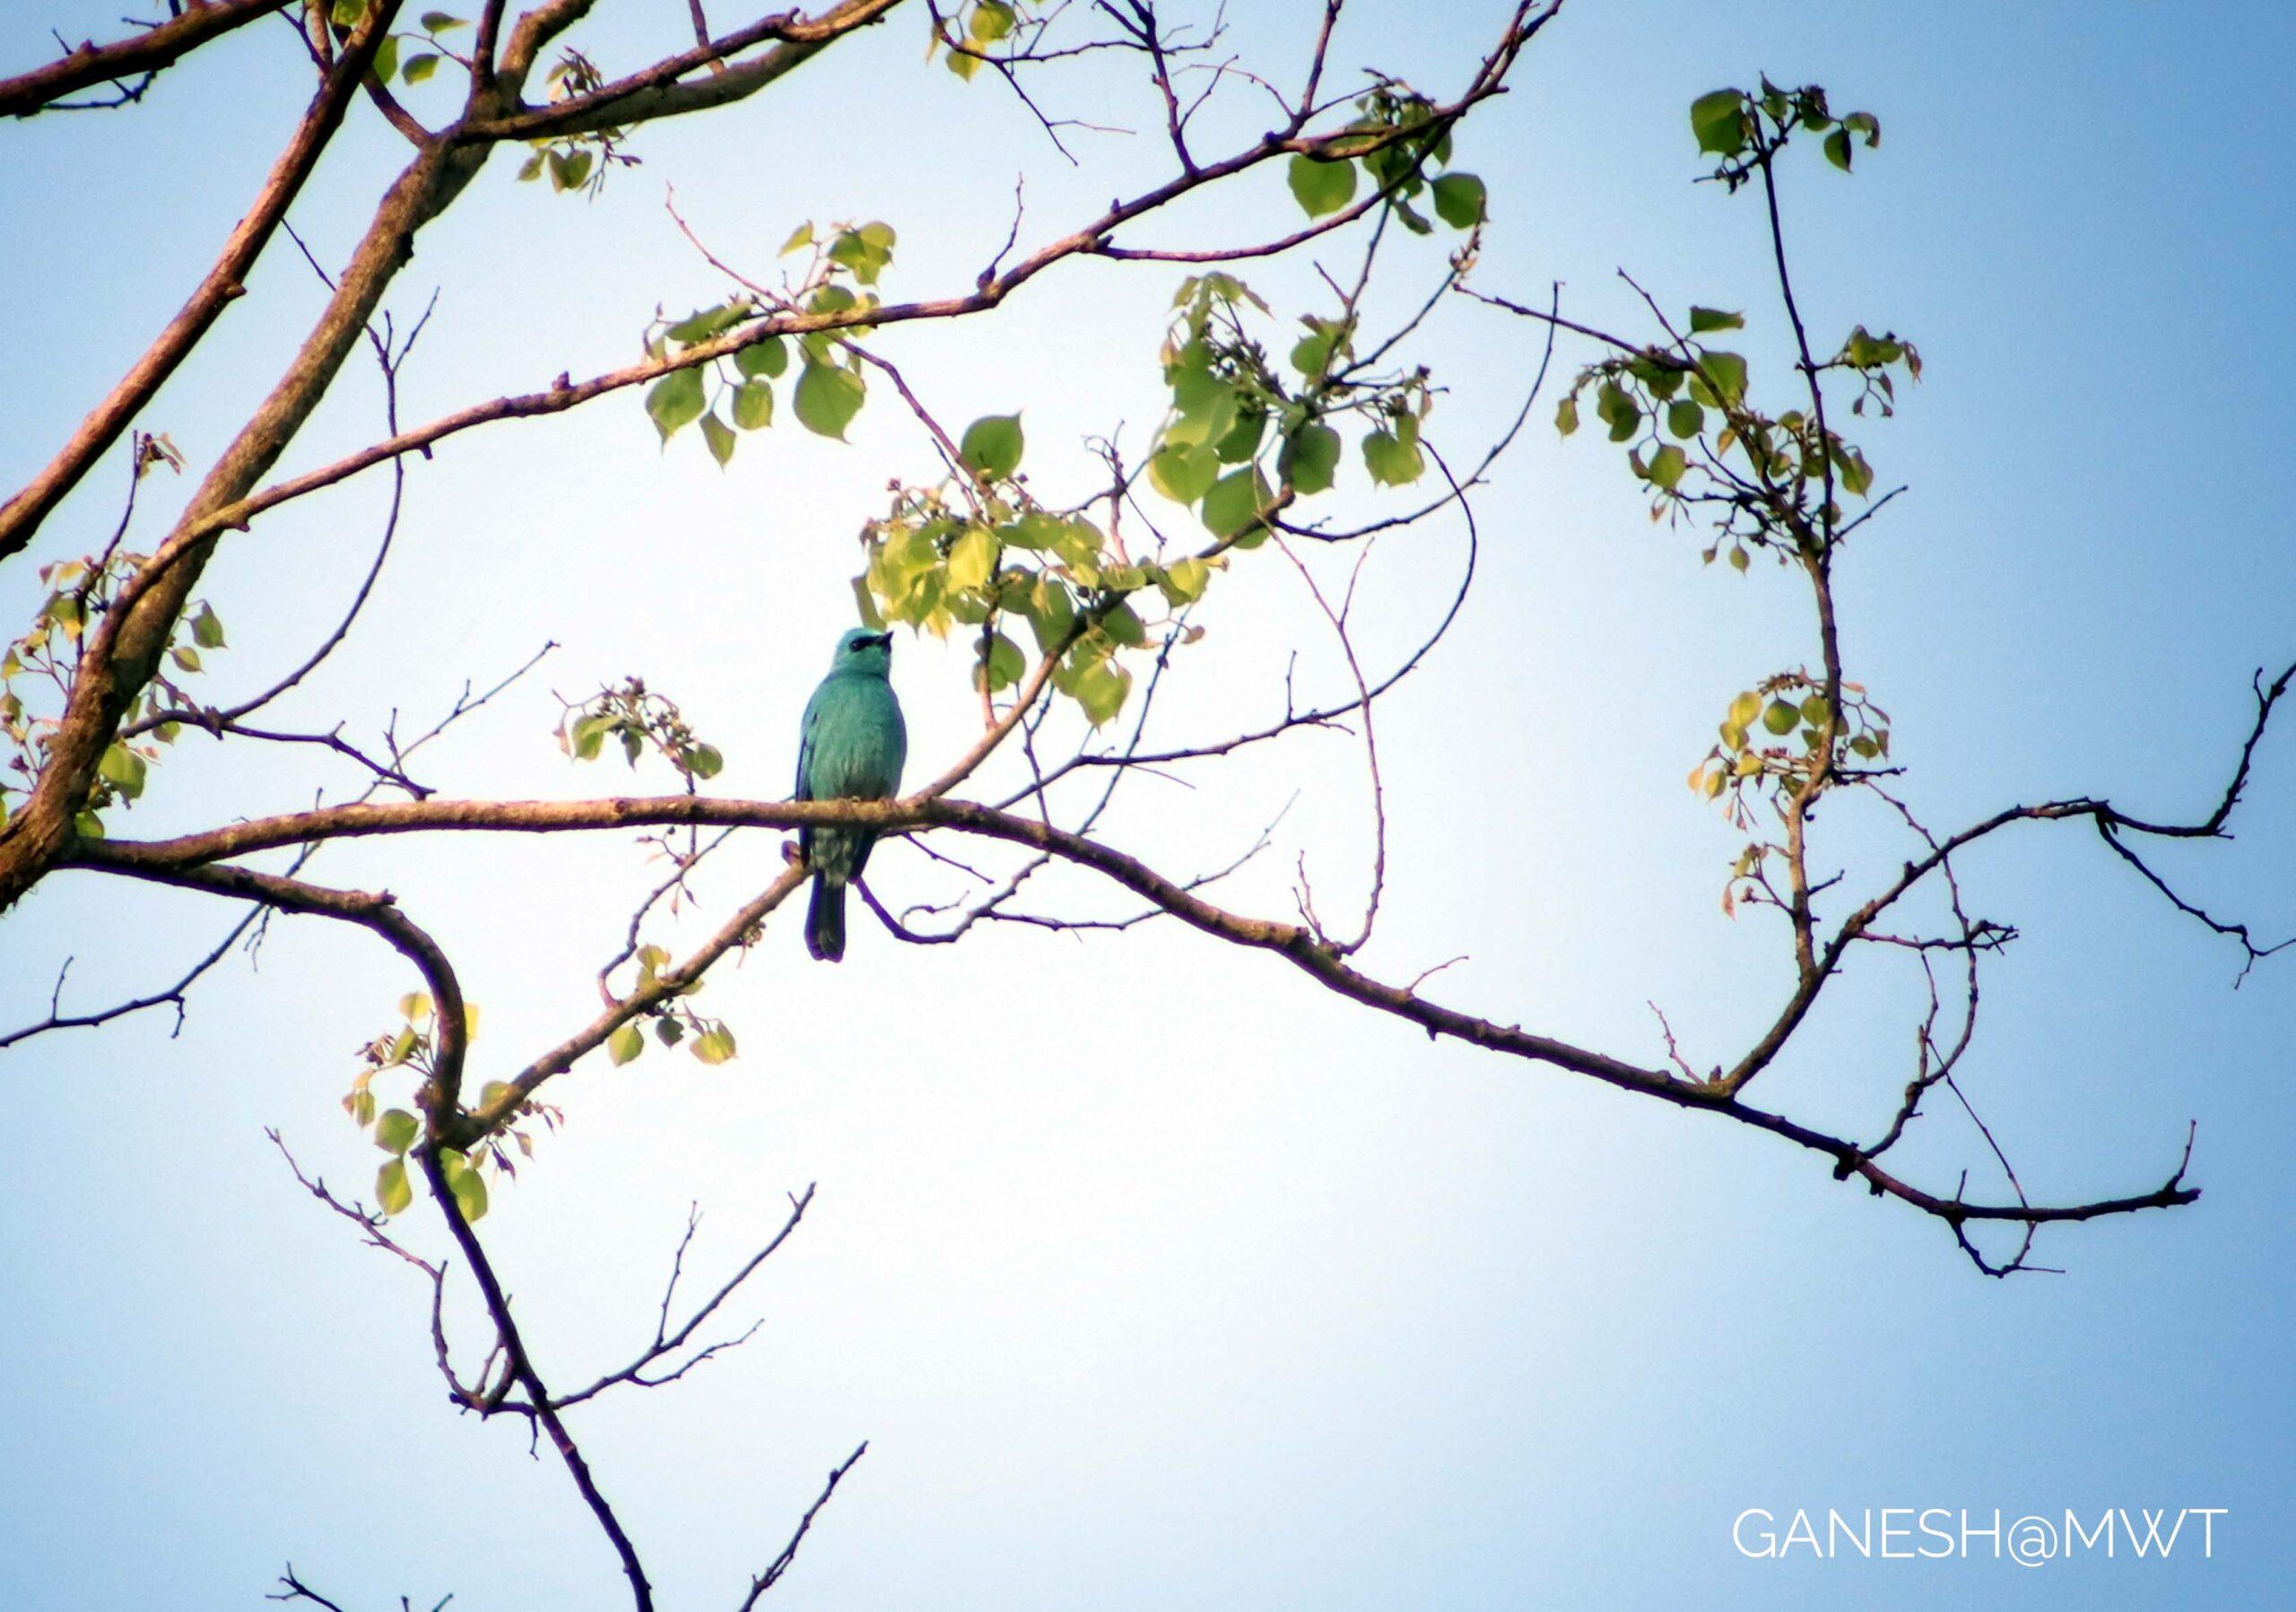 Verditer Flycatcher during bird watching in Janakpur